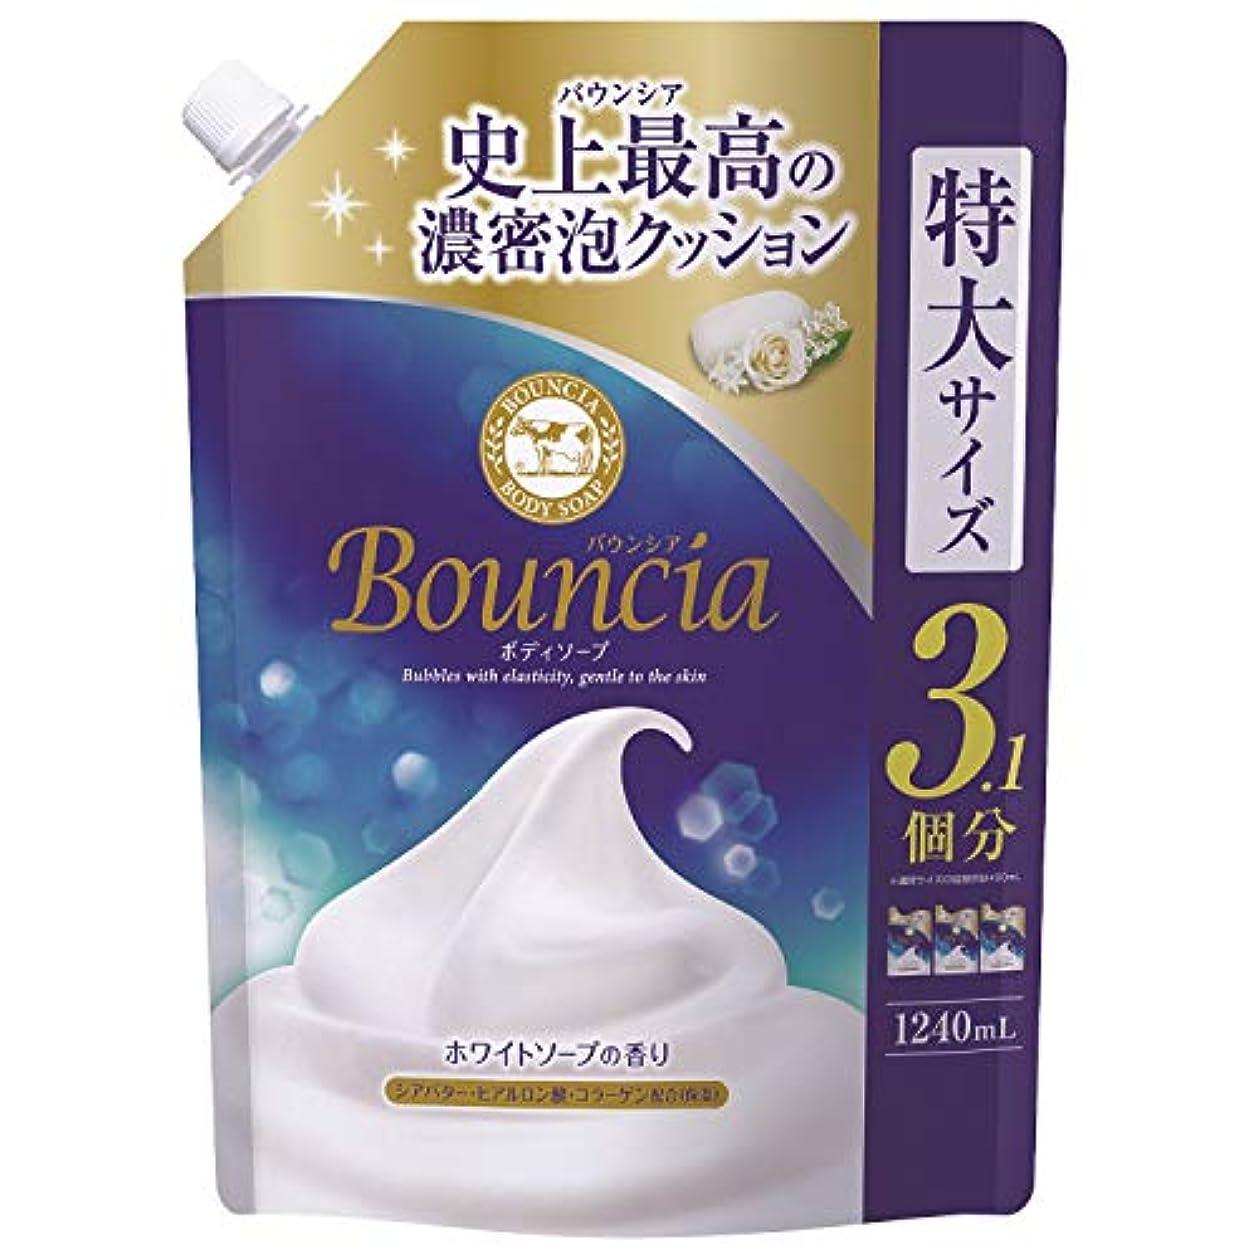 【大容量】バウンシアボディソープ 詰替用1240mL